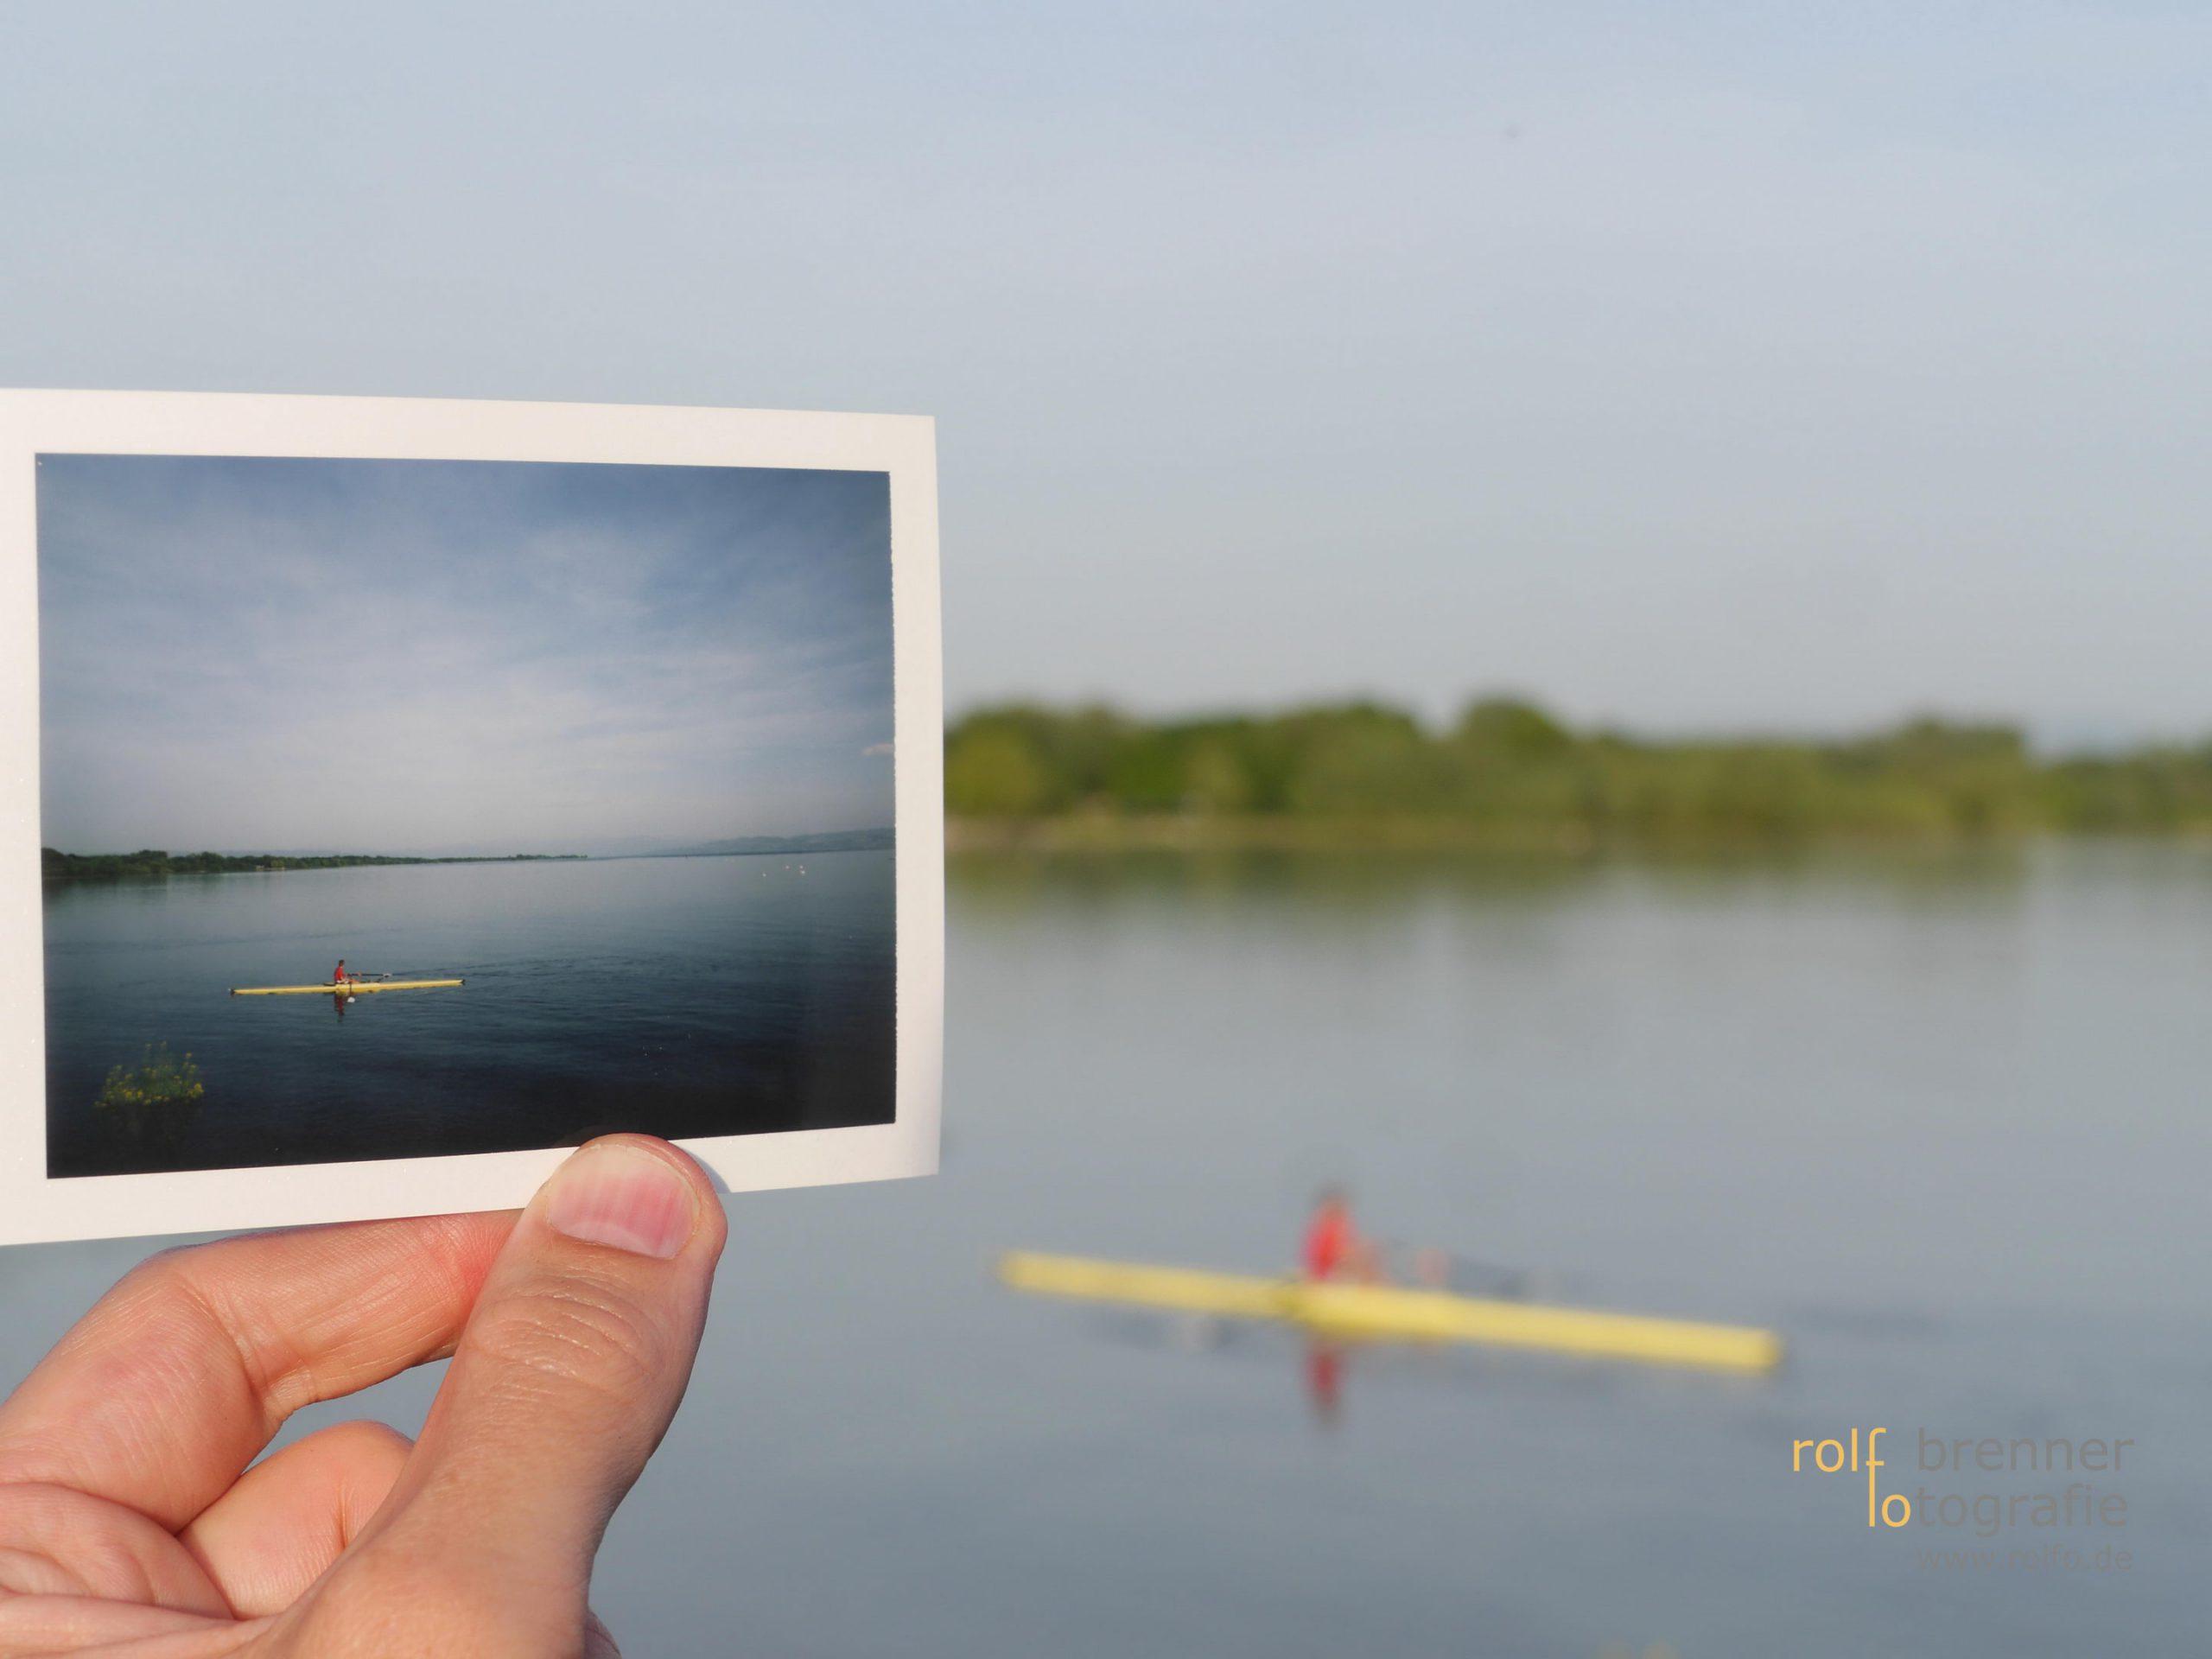 Kanu fahrt auf dem Bodensee